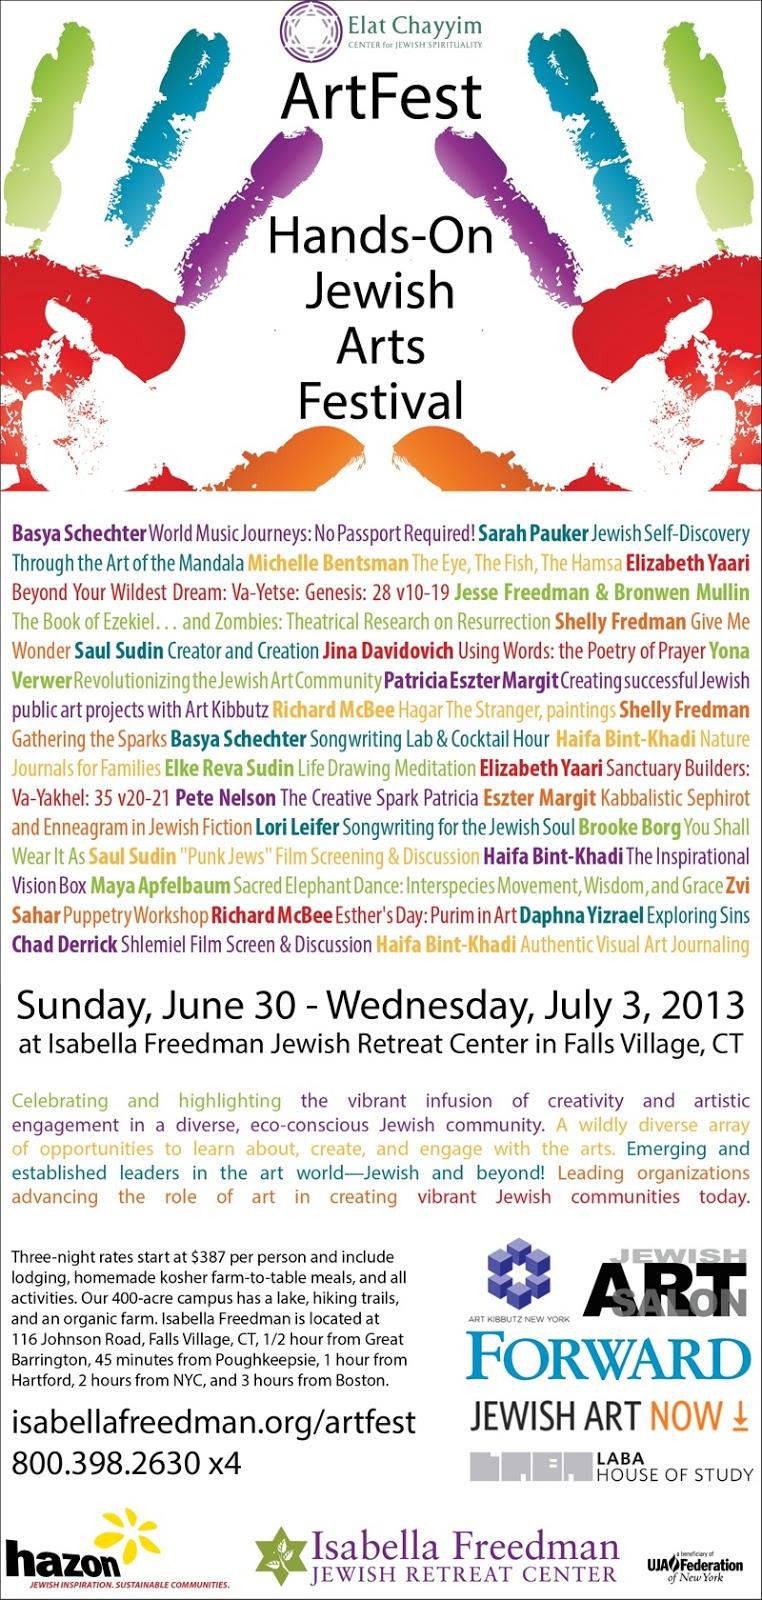 Jewish Art Salon: Jewish Art Salon at Elat Chayim ArtFest